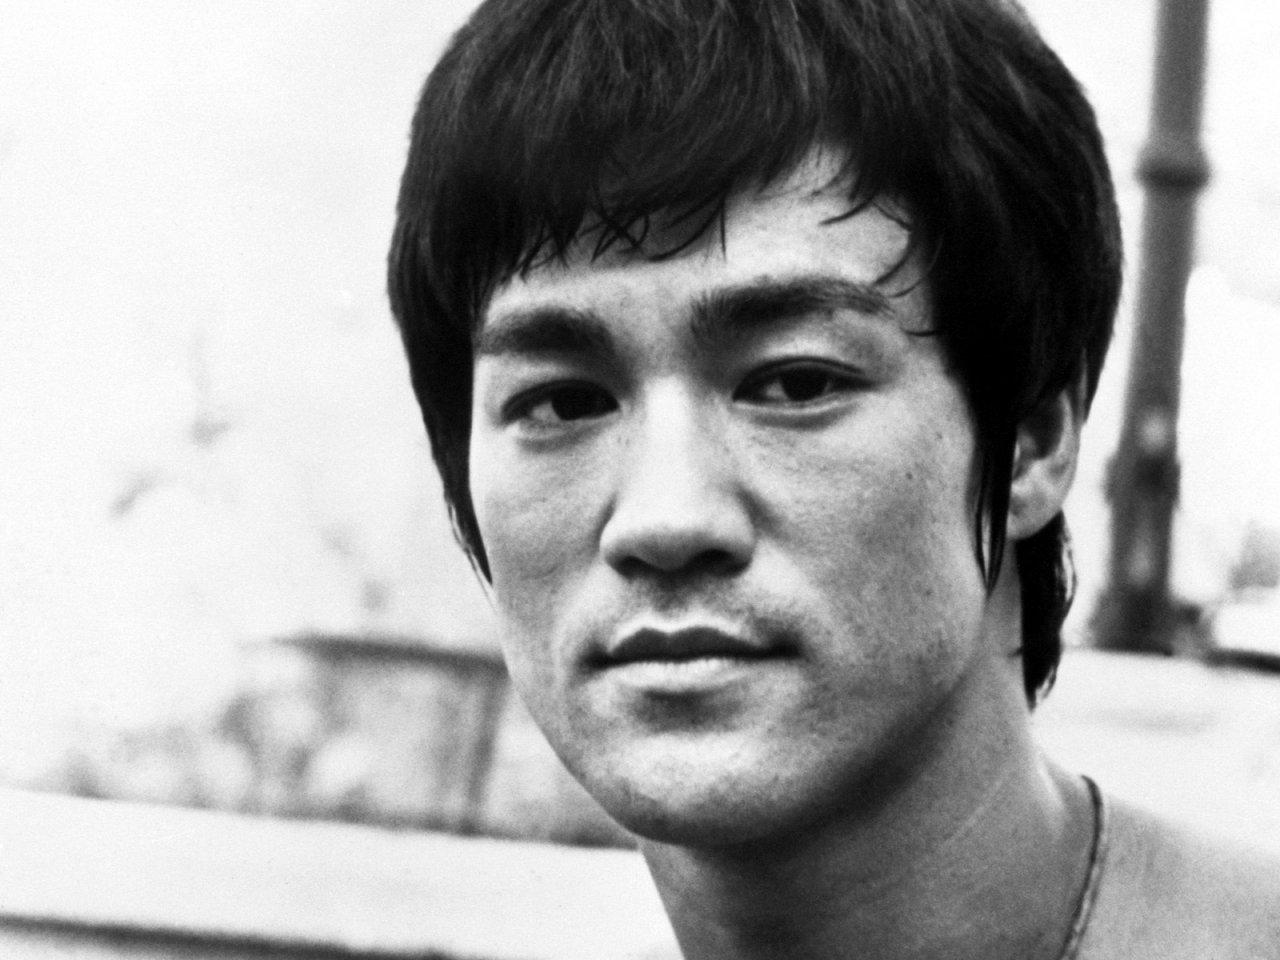 Bruce-Lee-bruce-lee-19454998-1280-960